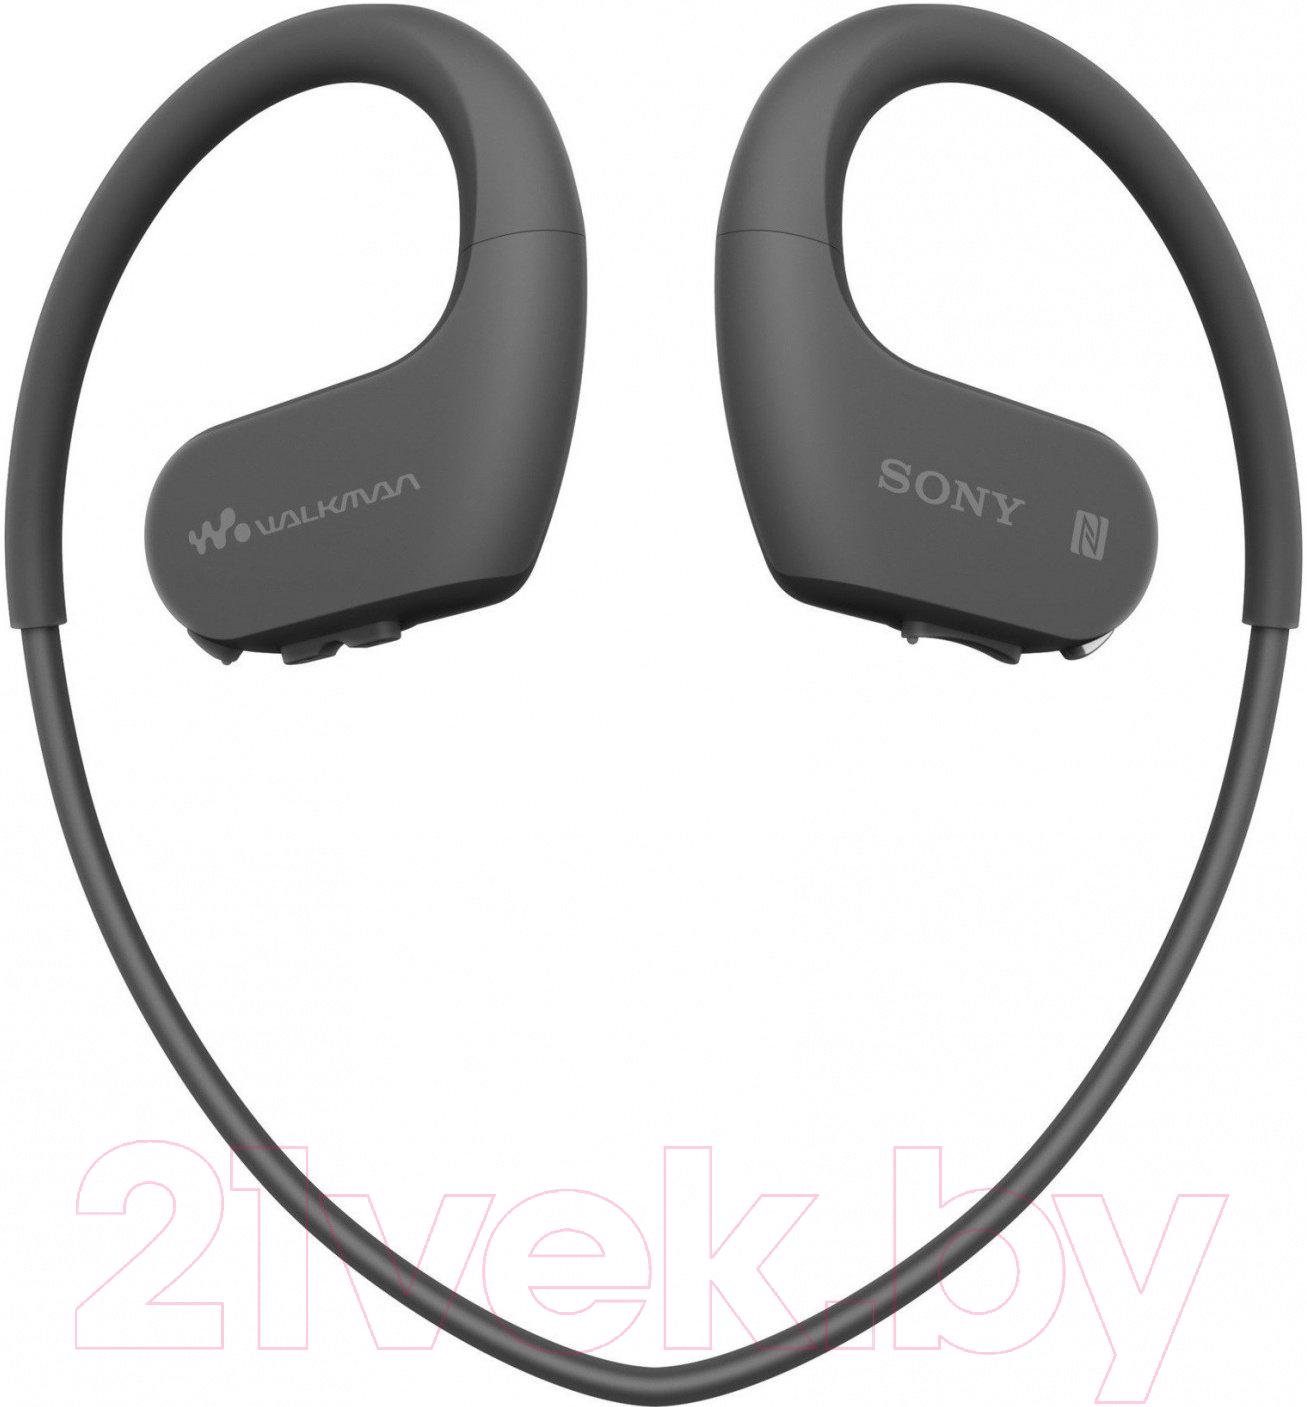 Купить Наушники-плеер Sony, NW-WS623B (черный), Малайзия